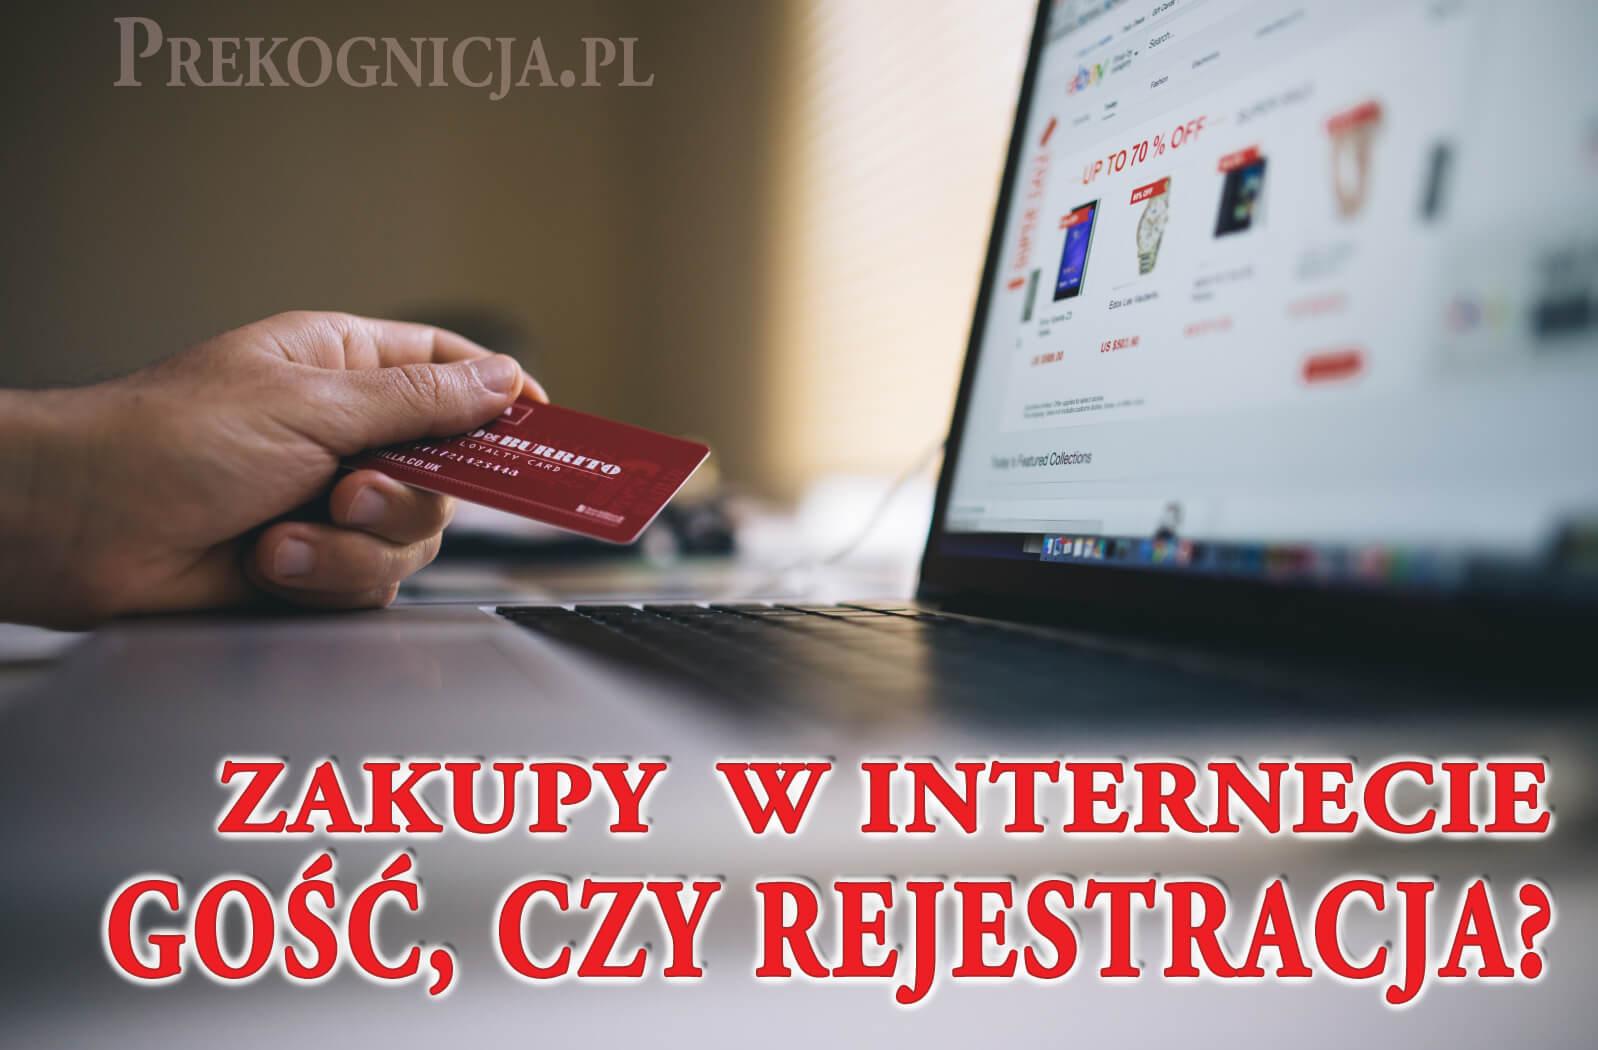 Zakupy w Internecie - kupować jako Gość, czy rejestracja Użytkownika?